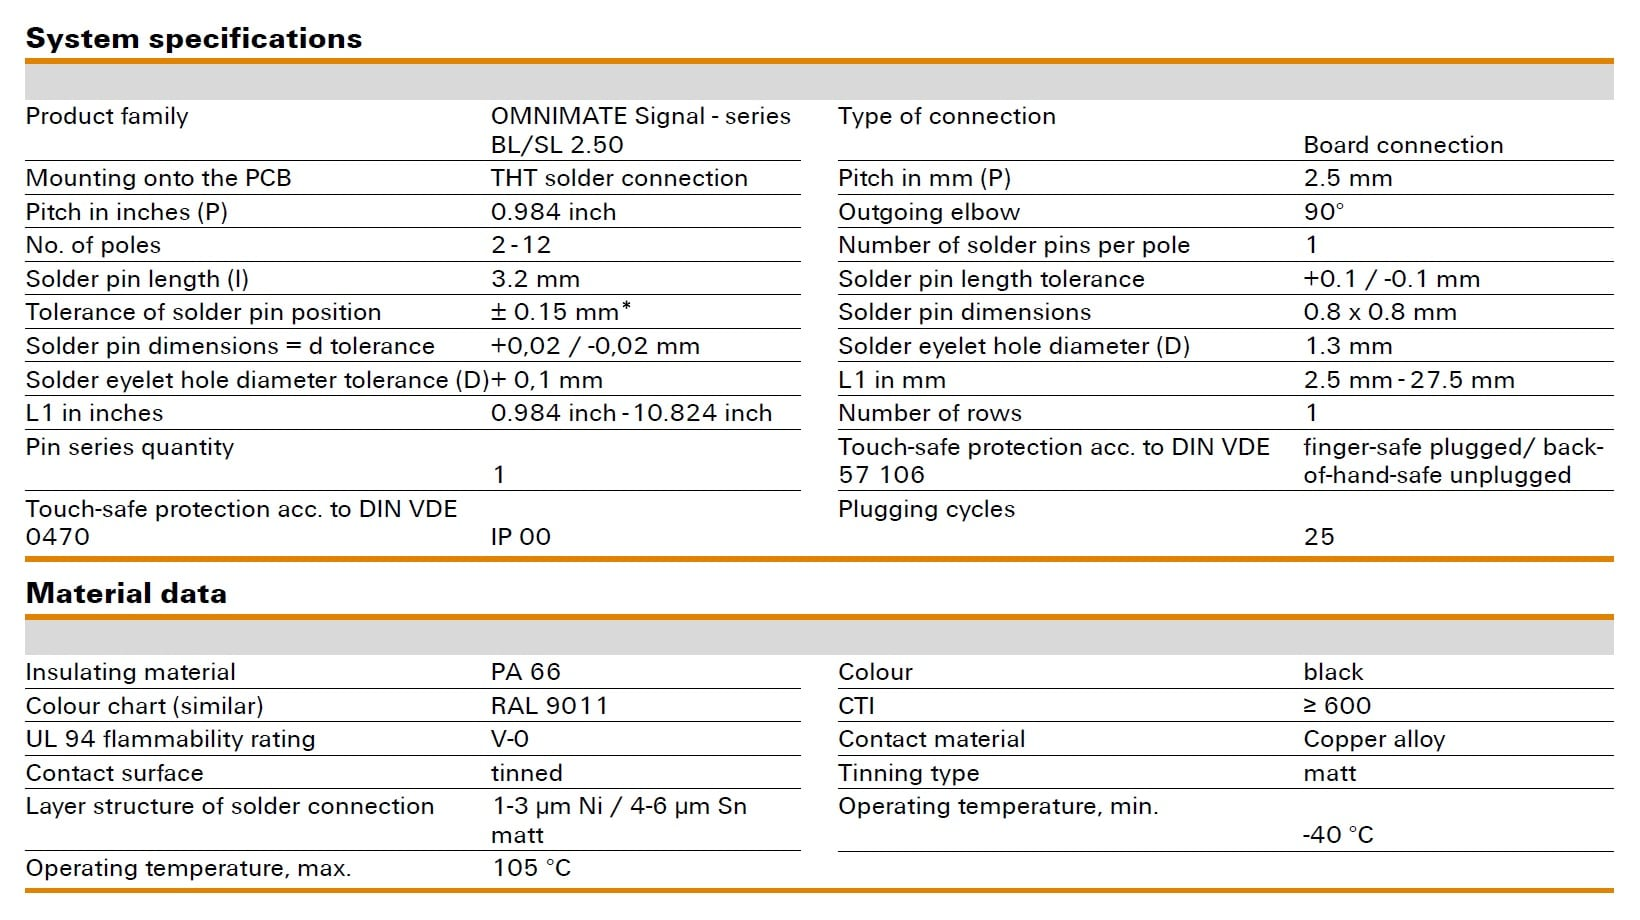 Weidmüller SL 2.50/90G Specifications